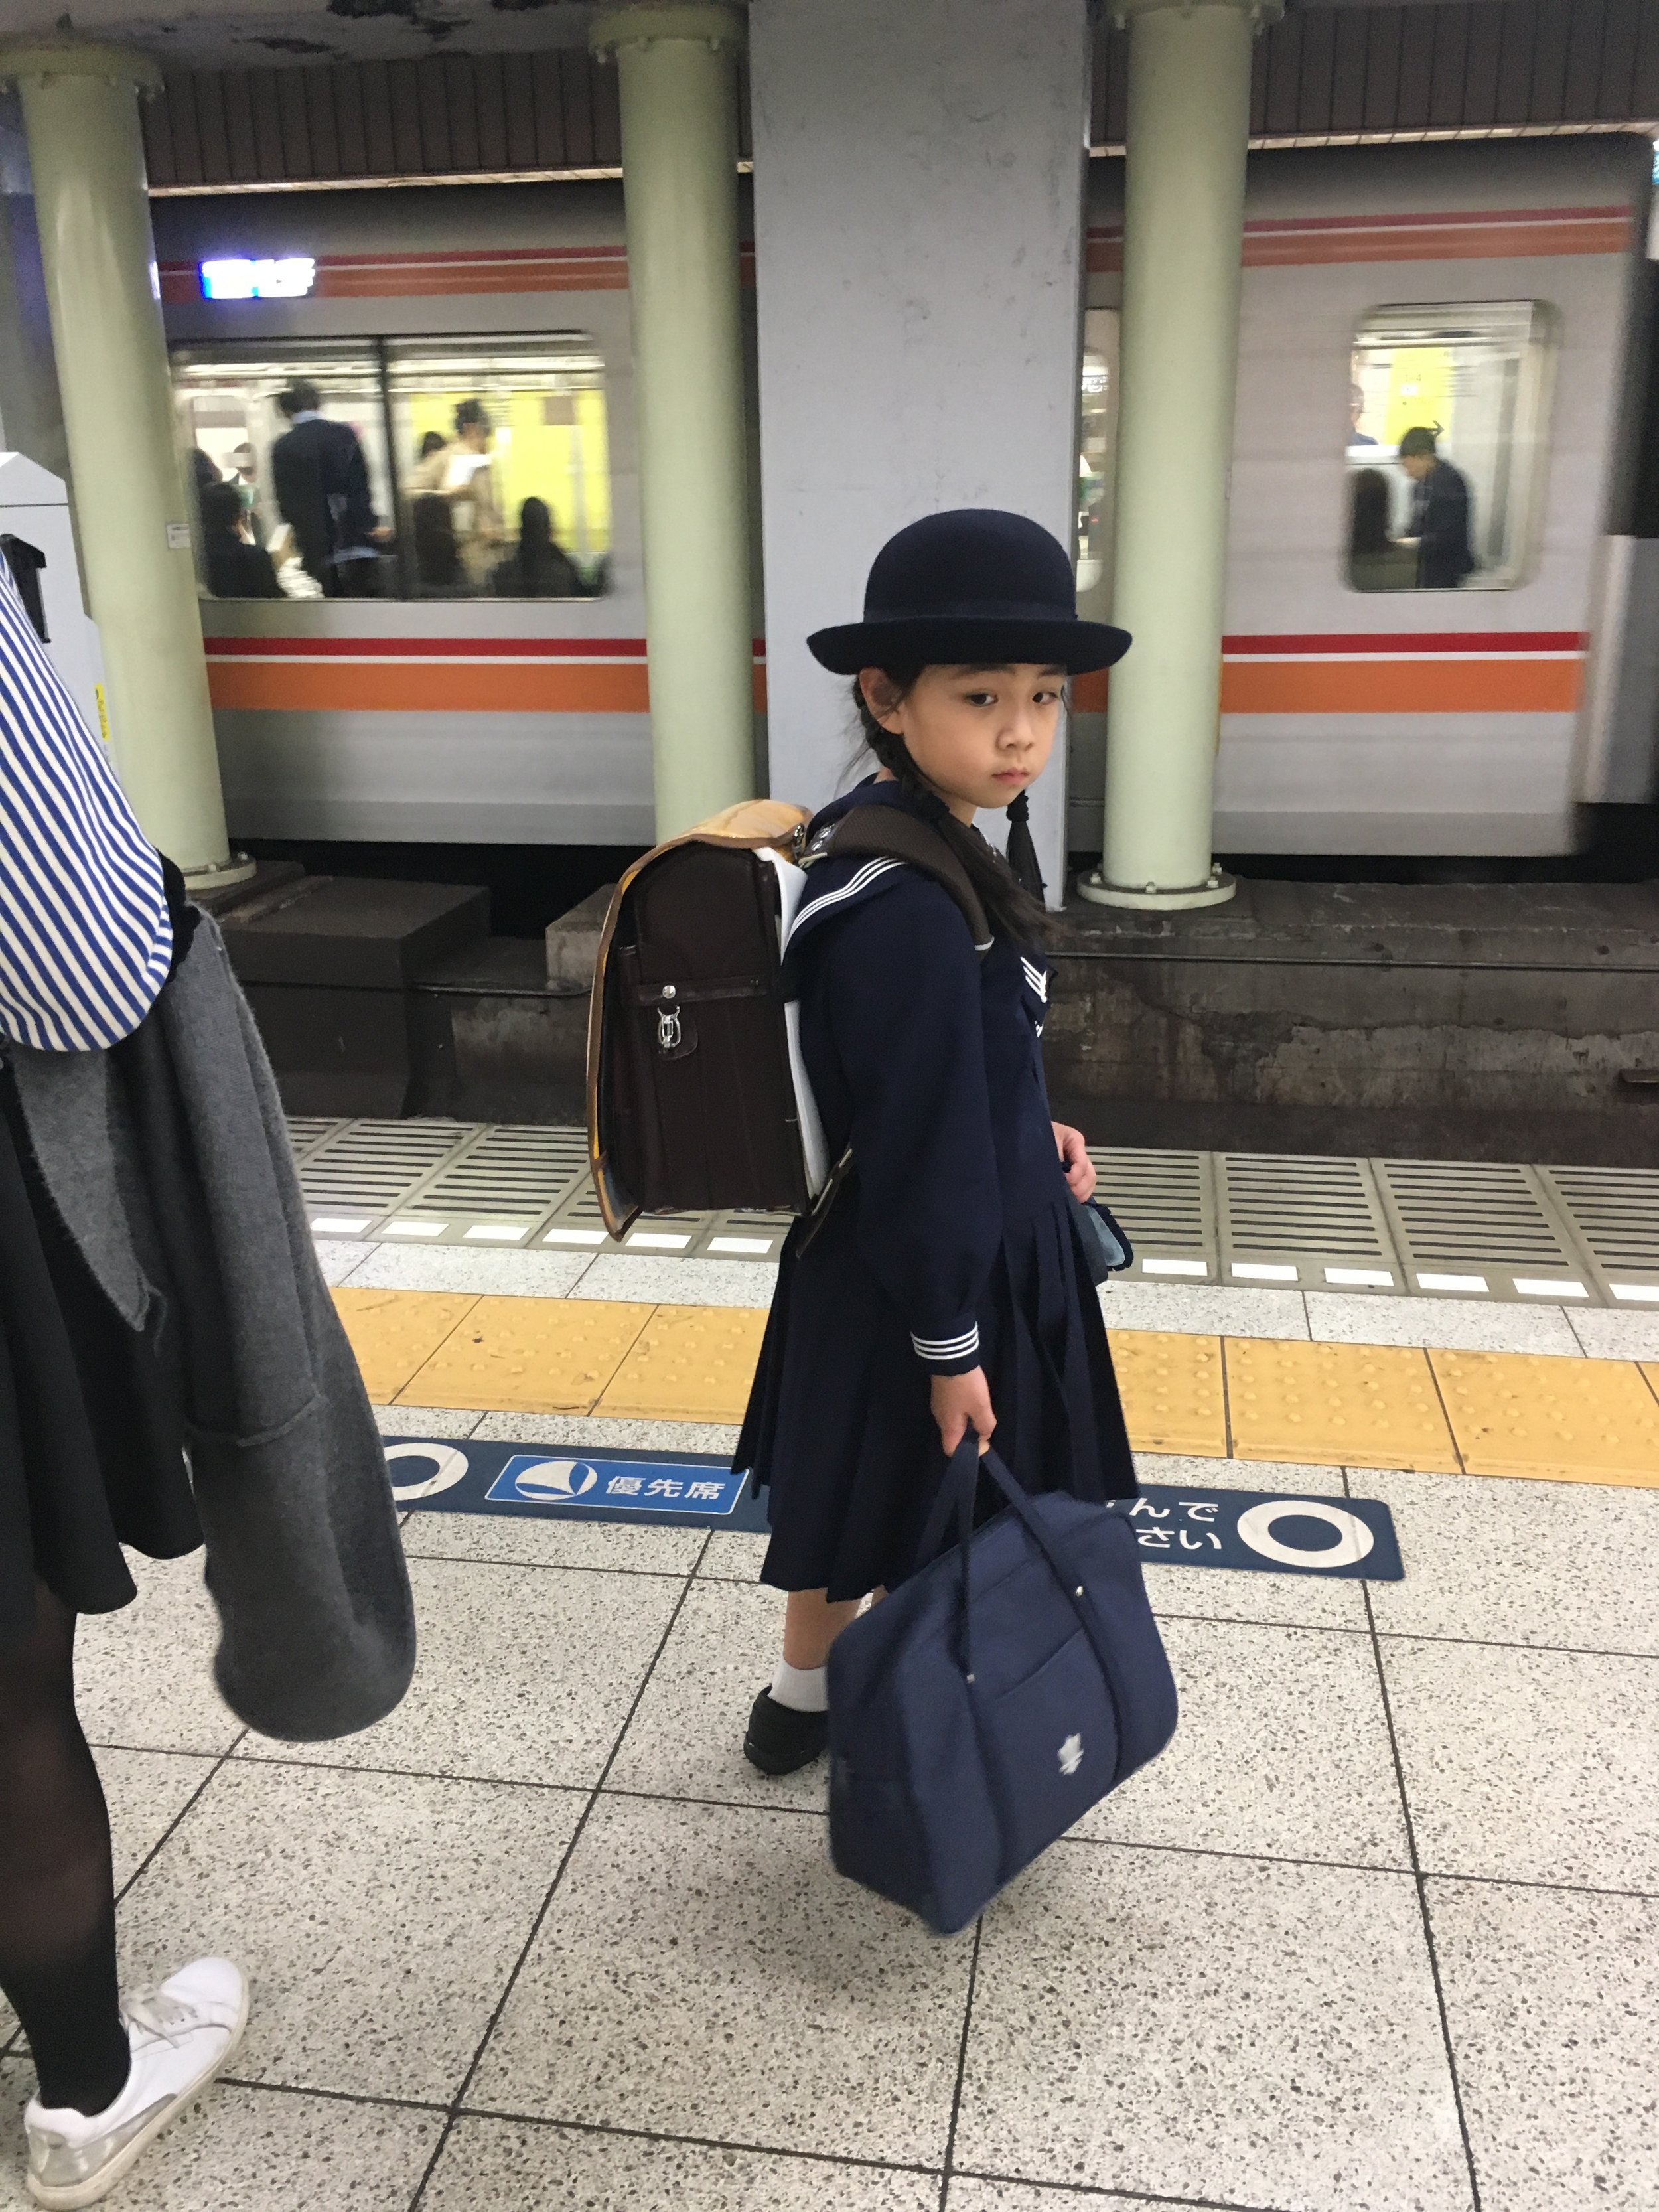 Una niña volviendo de la escuela a su casa, en subte, sola.